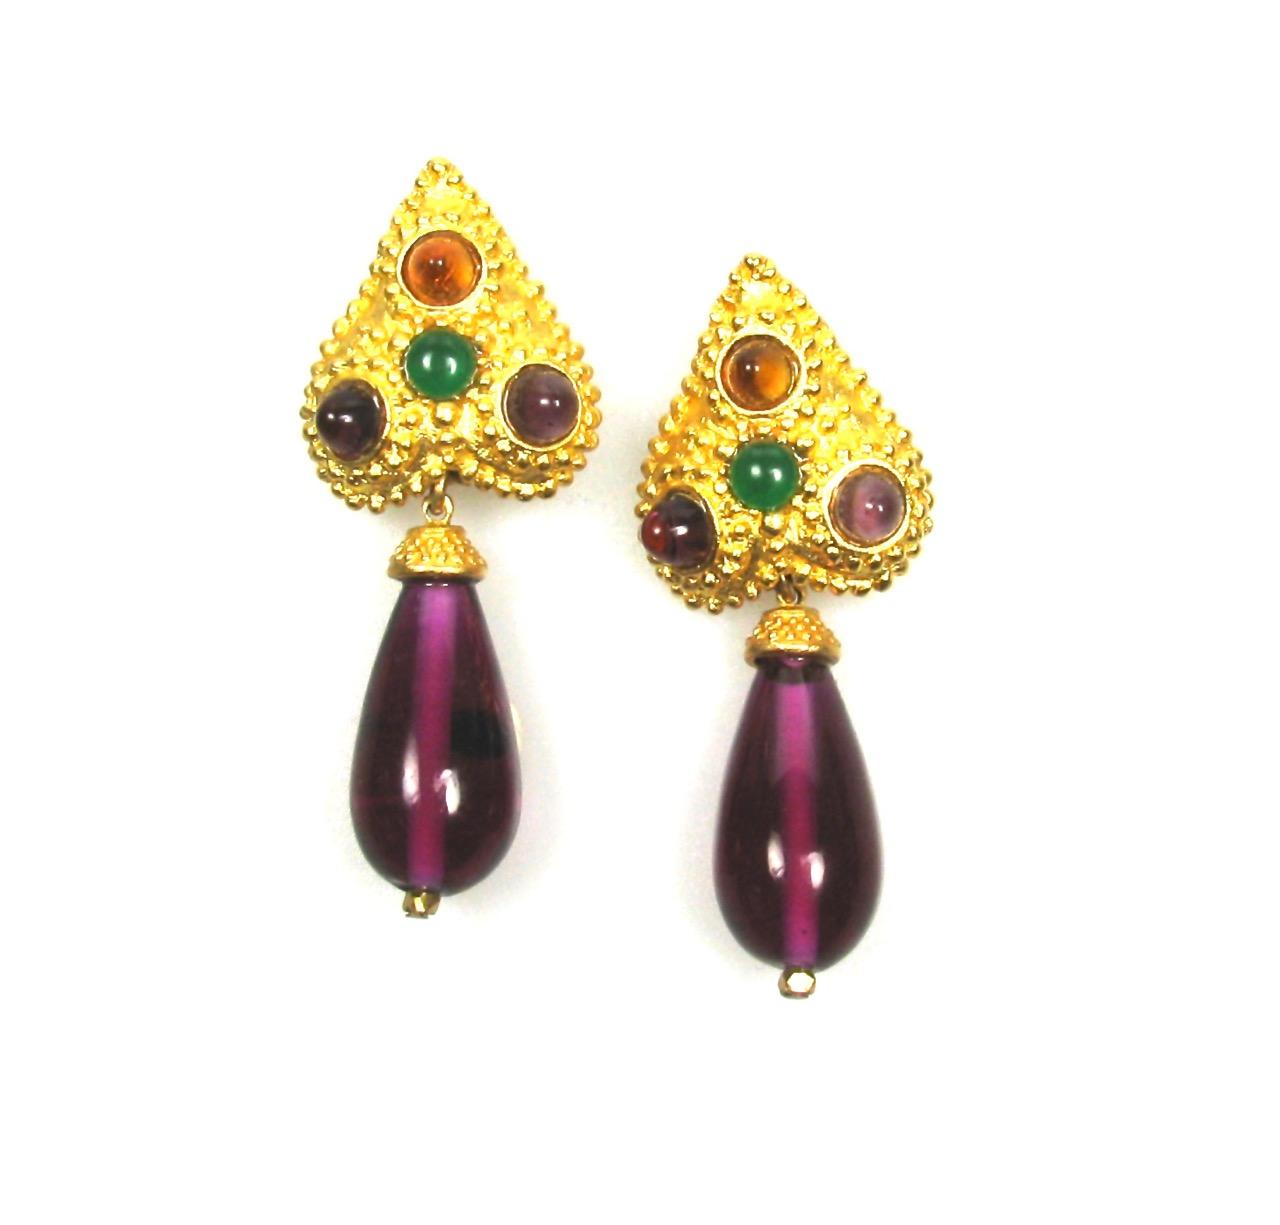 Deanna Hamro Spade Motif Glass Drop Earrings 1980s